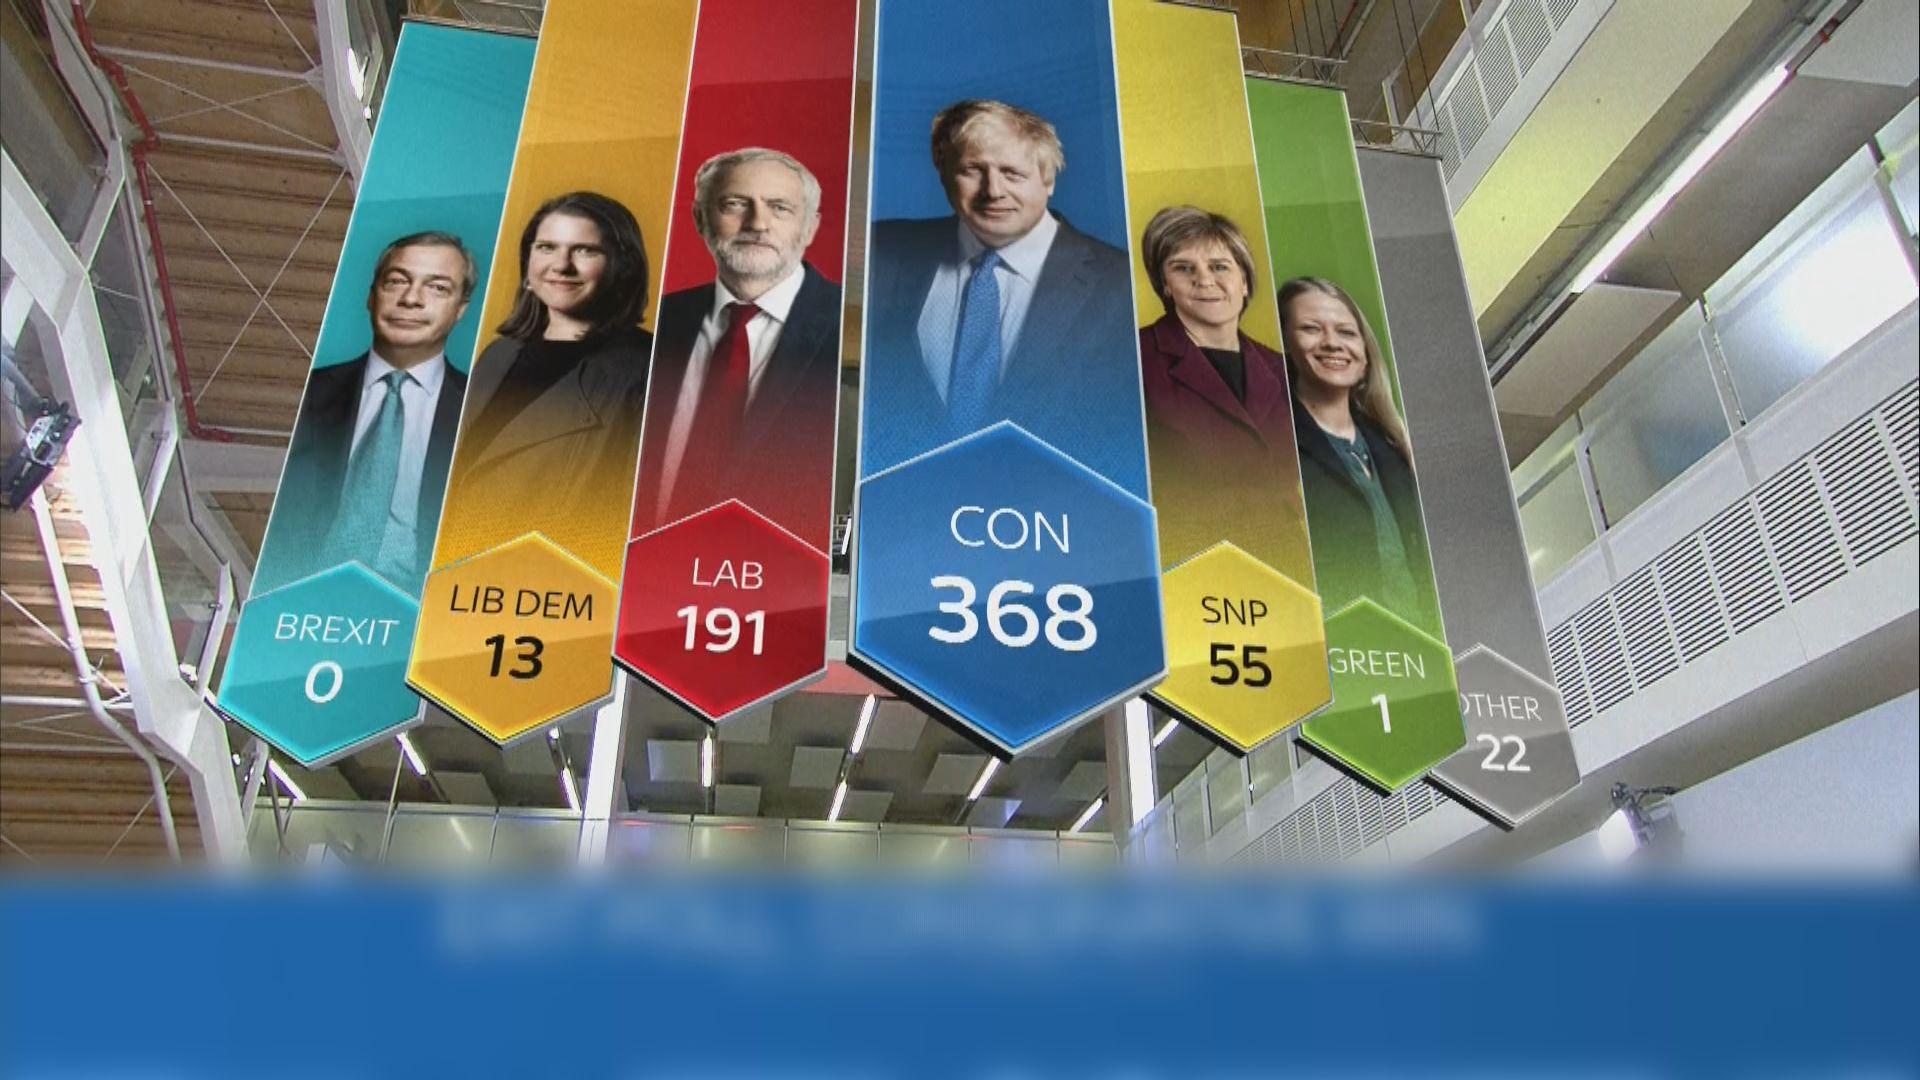 【選舉料大勝】約翰遜只需爭取黨員支持 脫歐協議便可獲國會通過